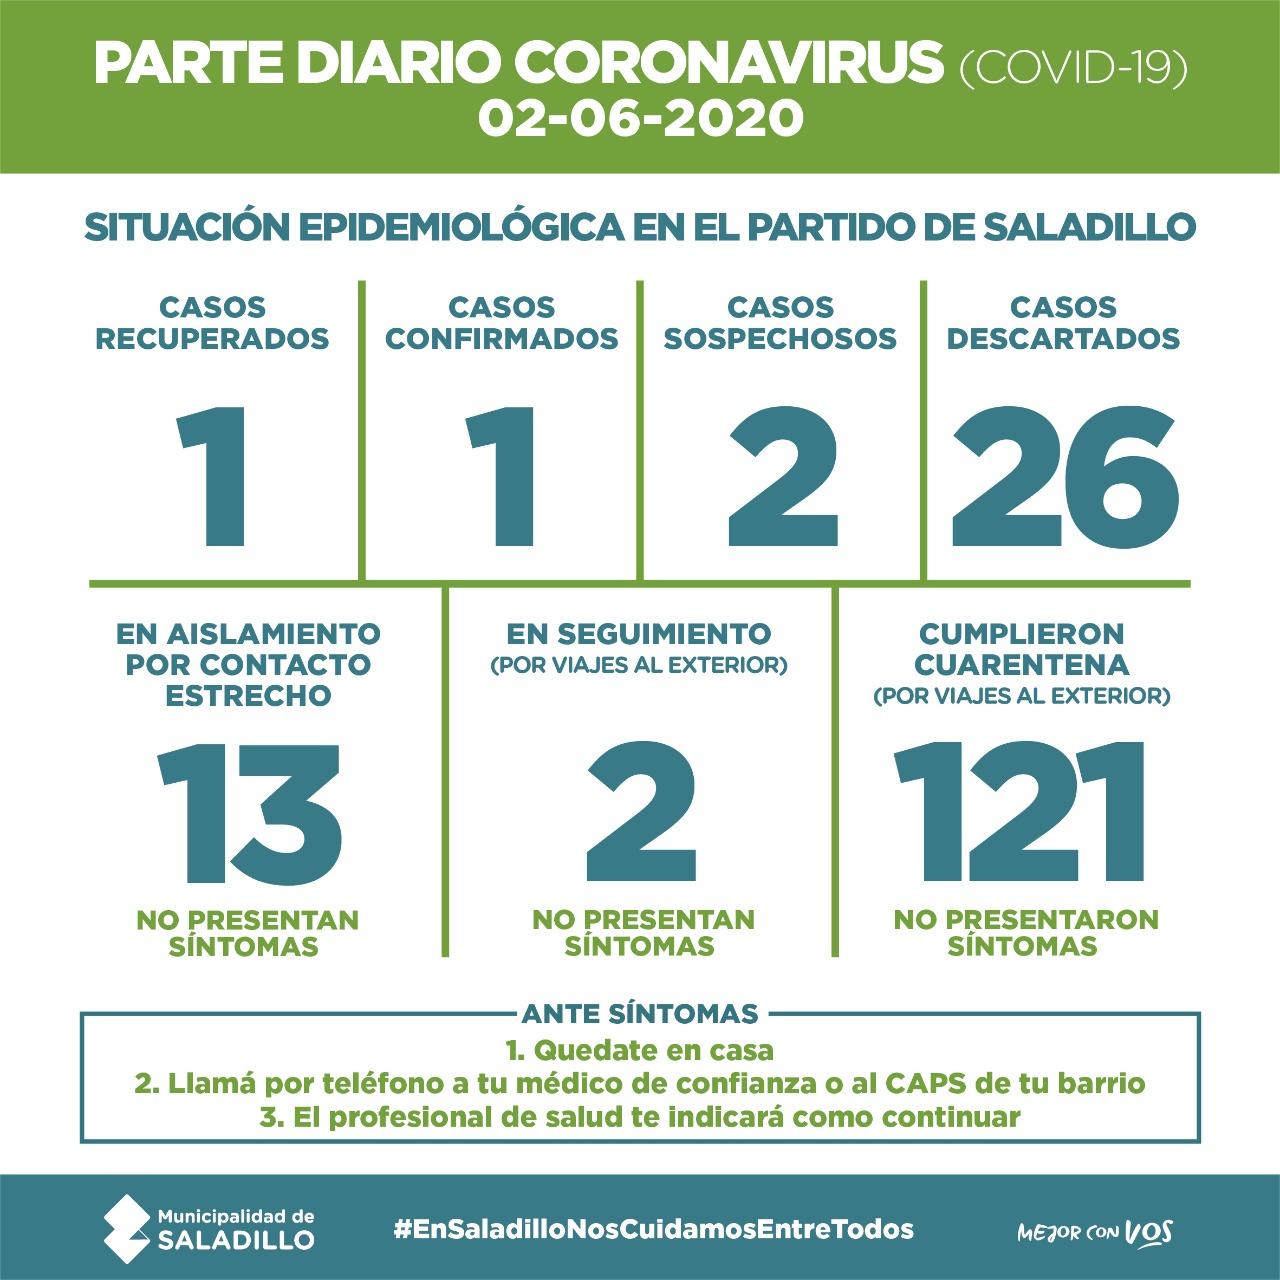 SALADILLO: PARTE DIARIO POR CORONAVIRUS 02/06/2020